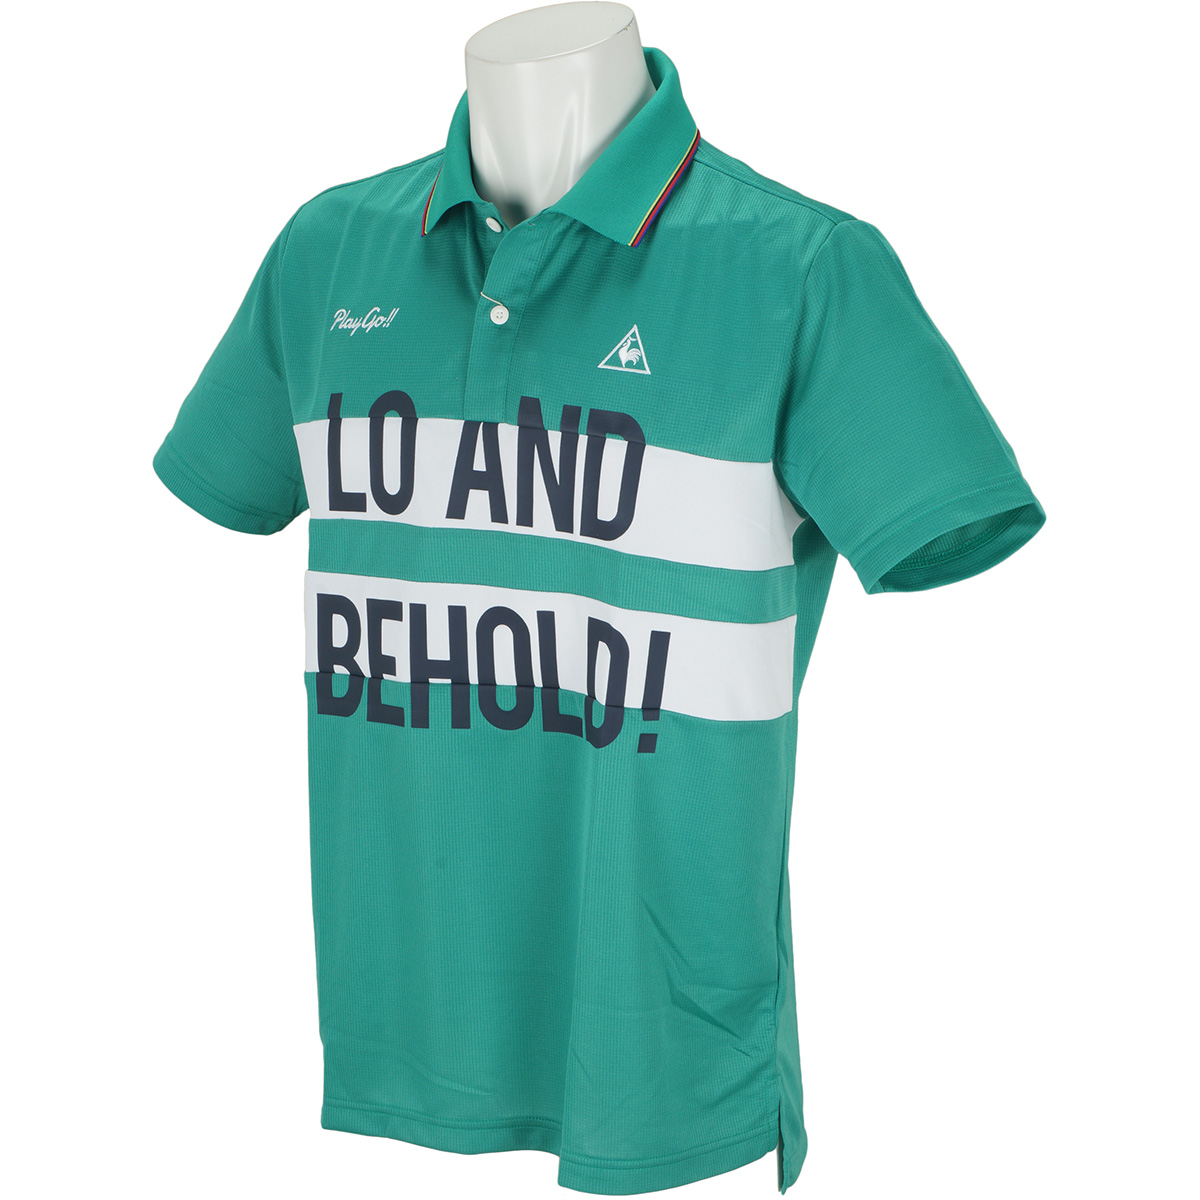 ブロック切り替え 半袖ポロシャツ